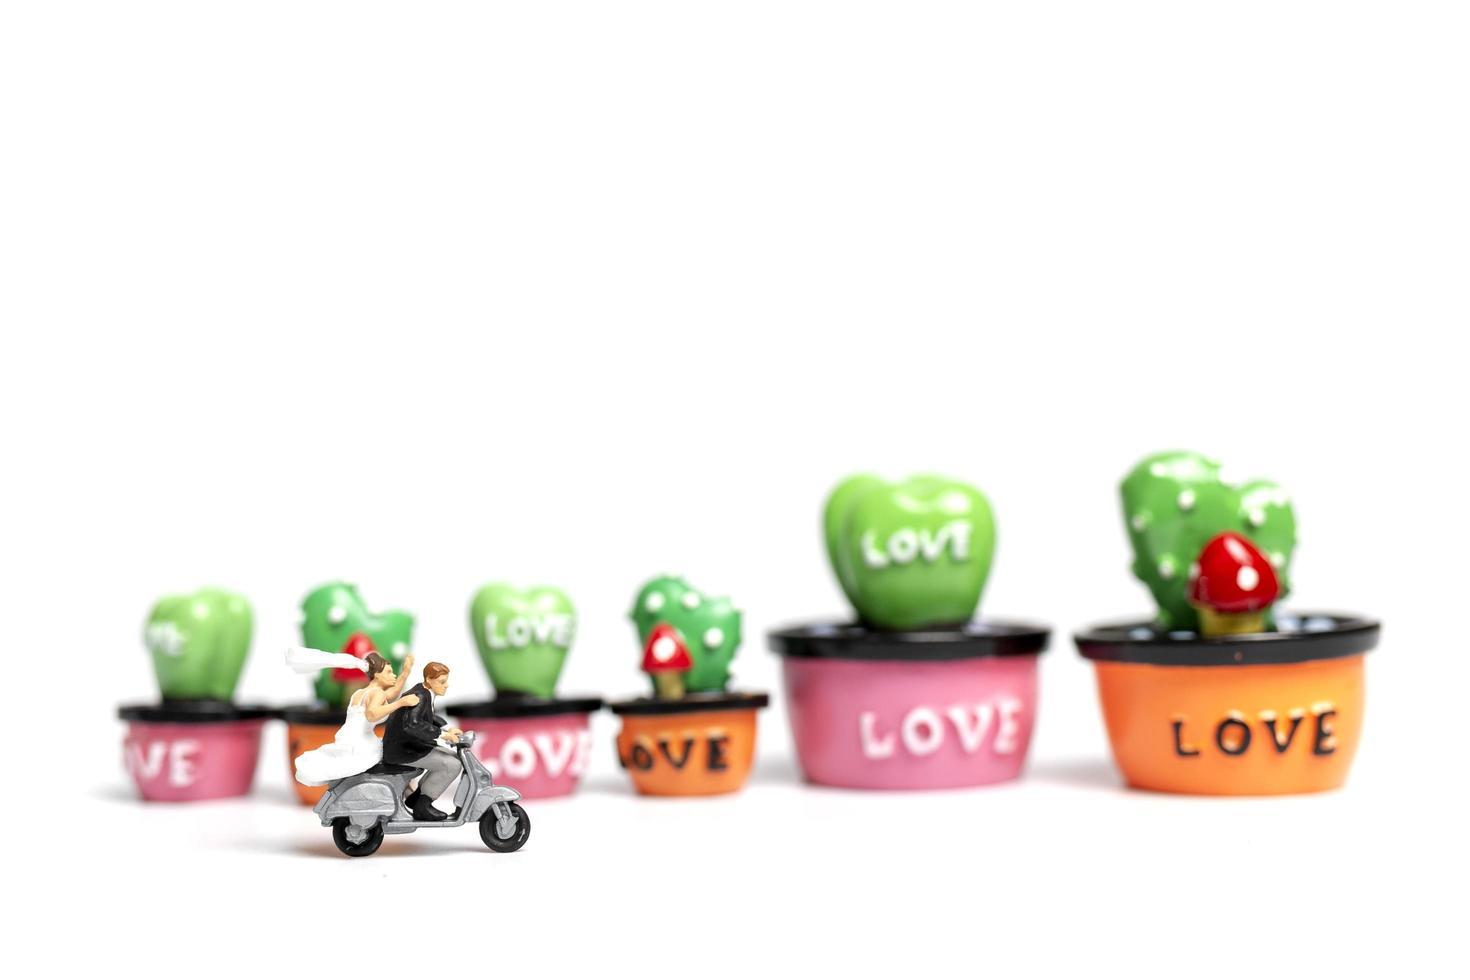 miniatyrpar som rider en motorcykel bredvid miniatyrsuckulenta växter, alla hjärtans dagskoncept foto